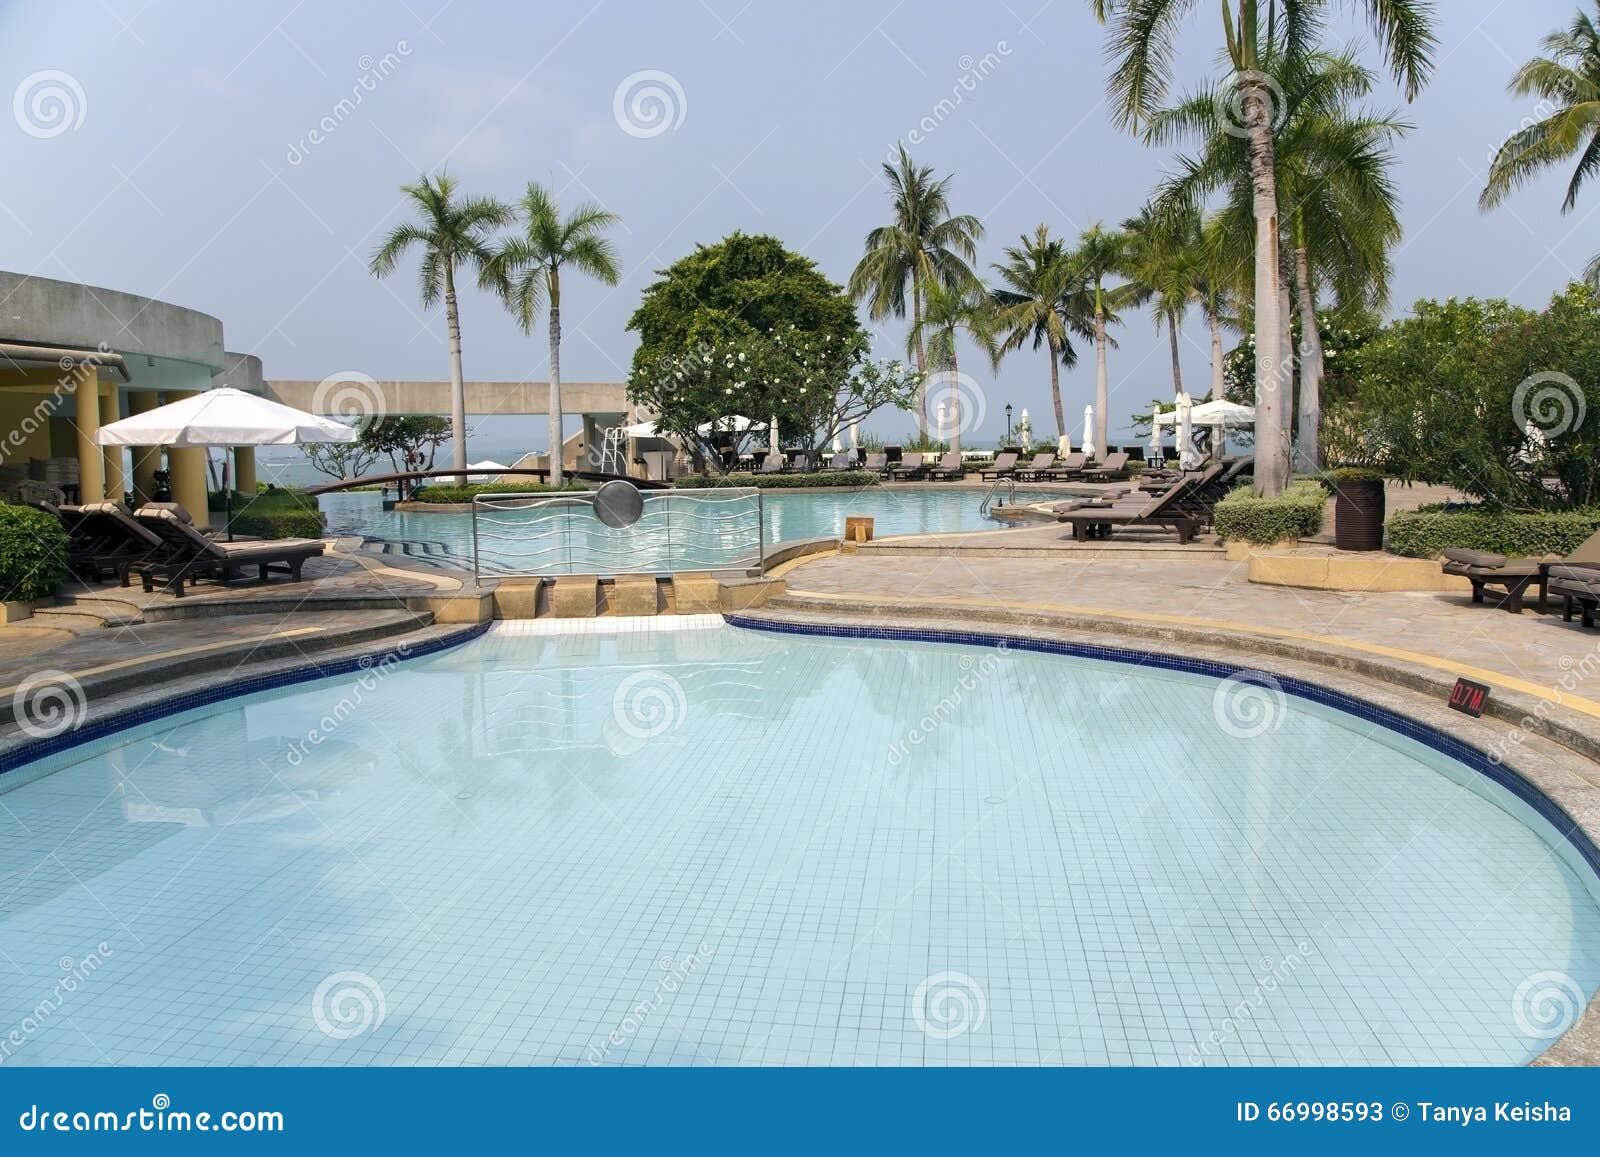 Piscina moderna con chiara acqua del turchese fotografia stock immagine 66998593 - Acqua orecchie piscina ...